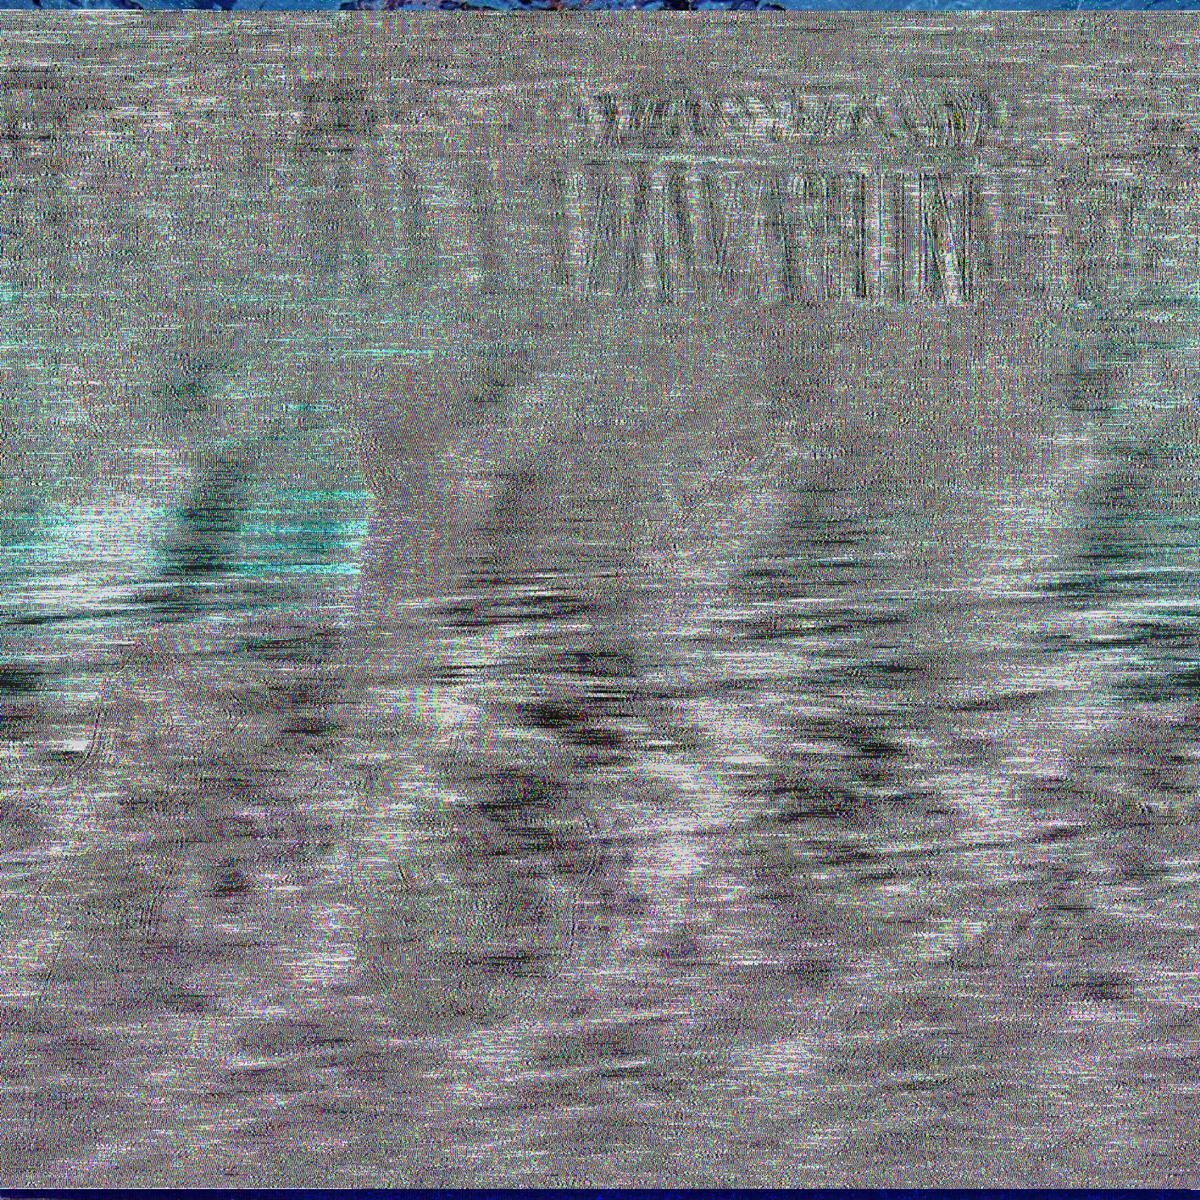 010_FunkeBenjamin.jpg